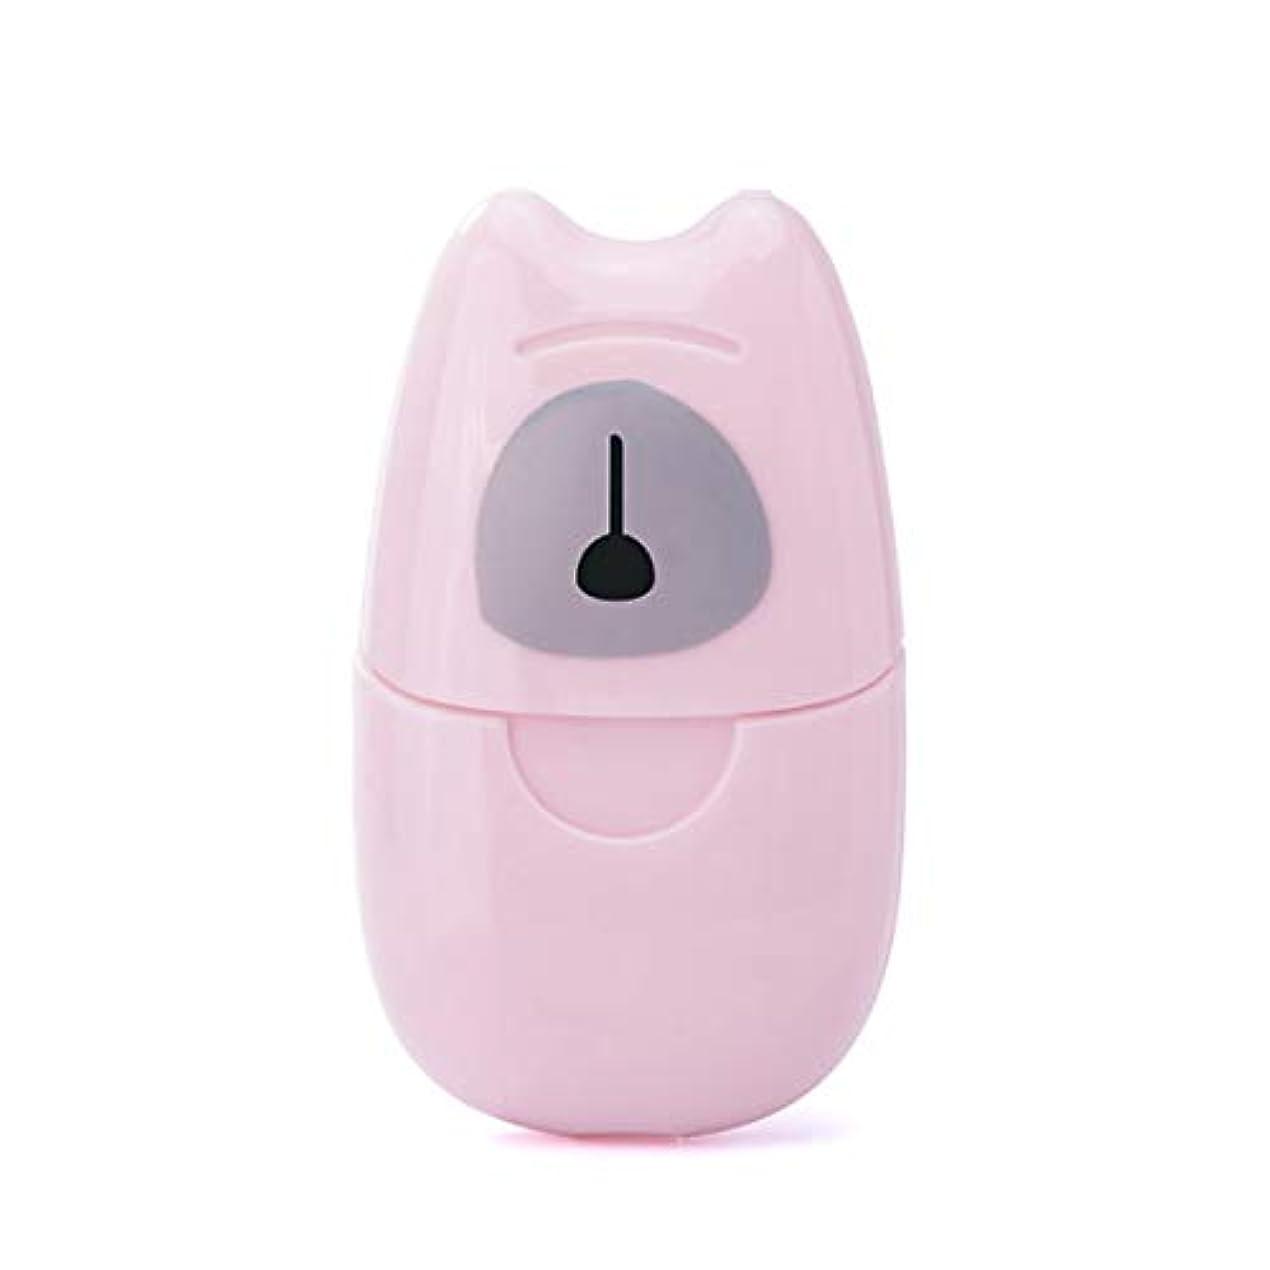 半径冗談で謙虚な箱入り石鹸紙旅行ポータブル屋外手洗い石鹸香りスライスシート50ピースミニ石鹸紙でプラスチックボックス - ピンク